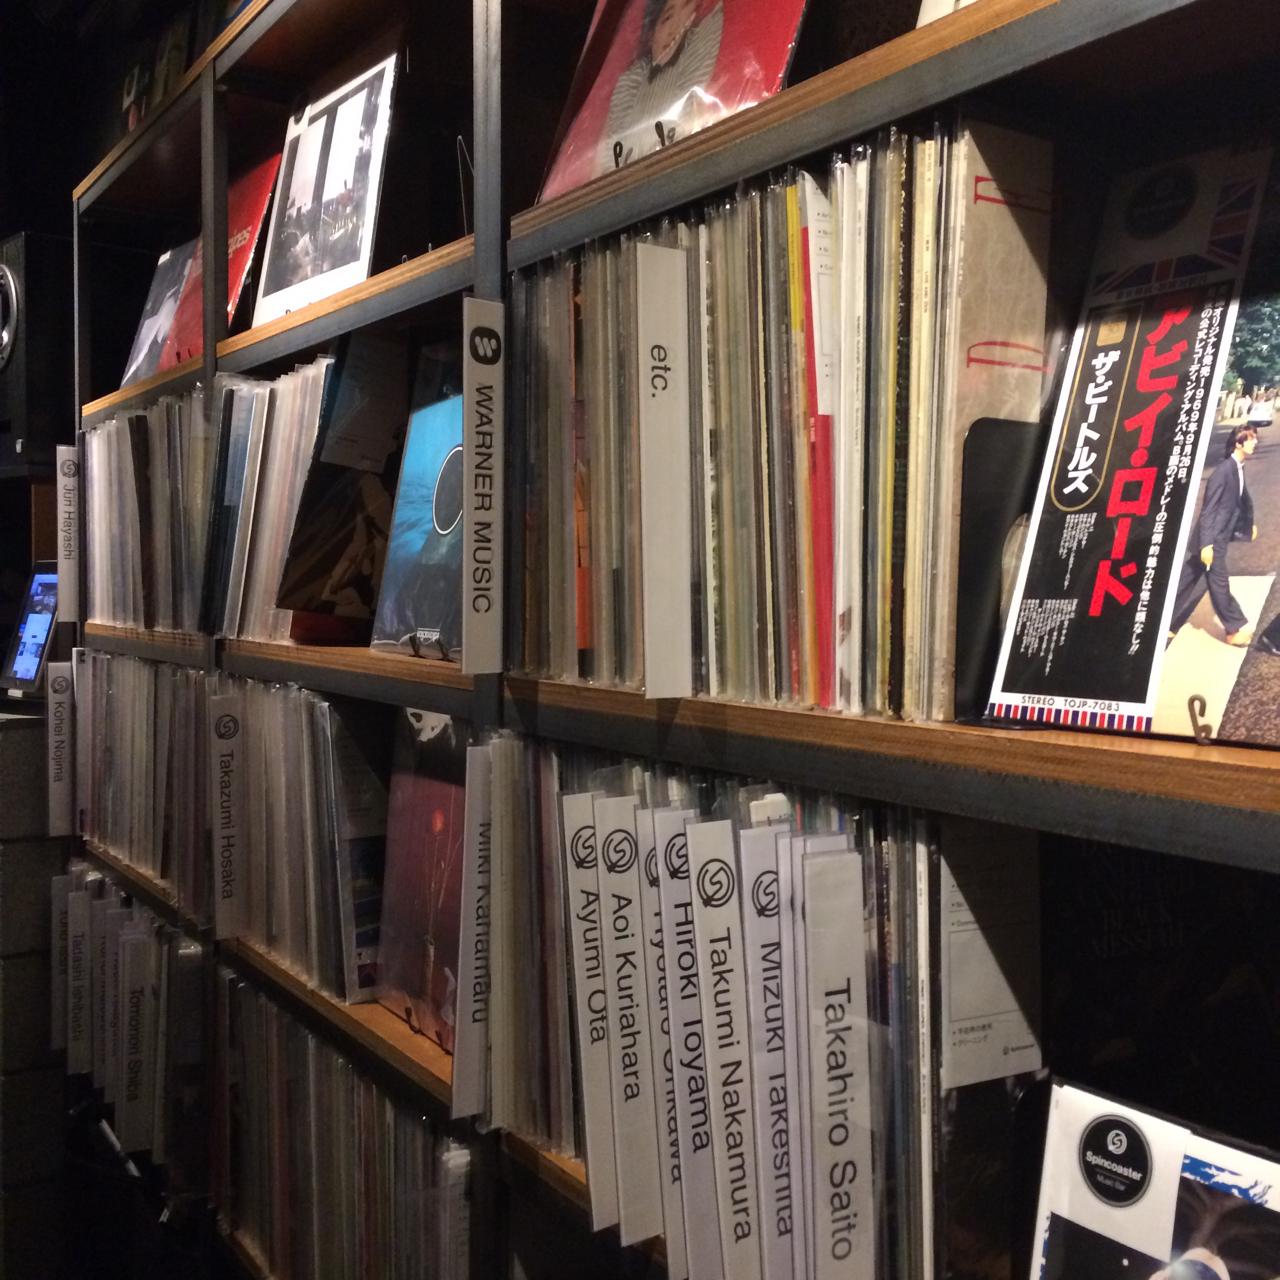 アナログレコードはこの棚から選ぶ